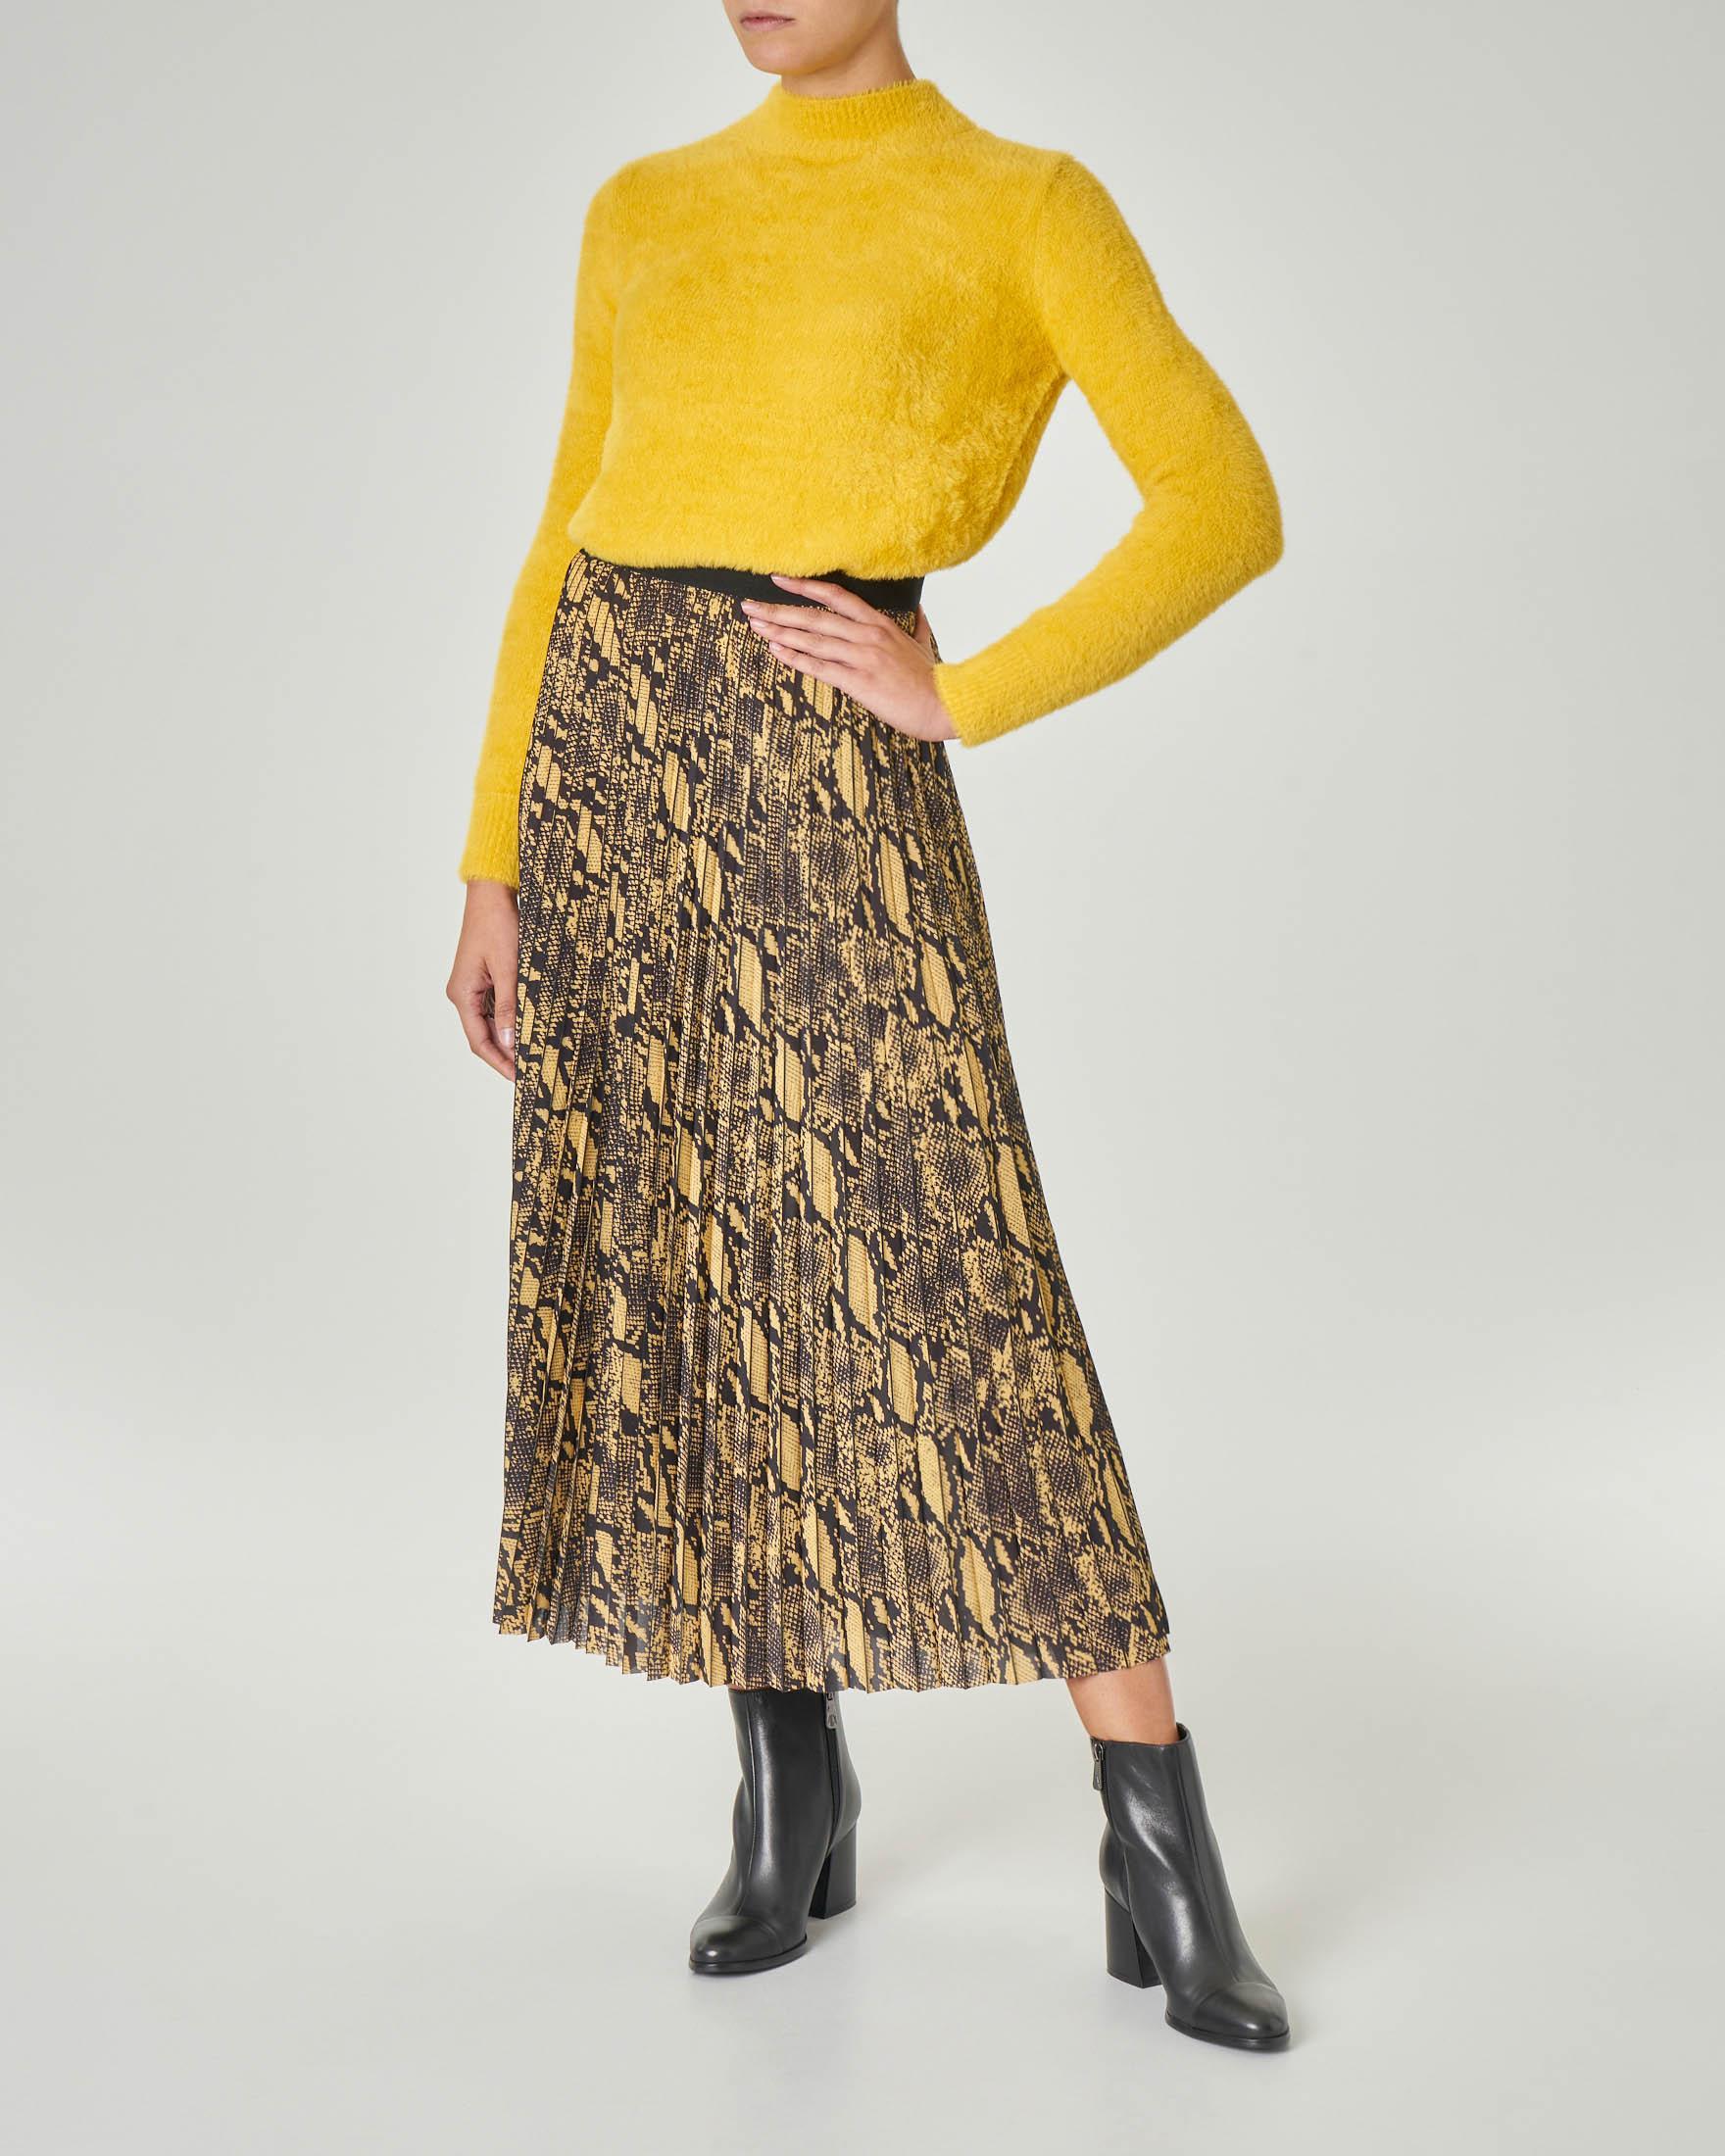 Gonna plissè stampa pitone gialla con fascia elastica in vita a contrasto